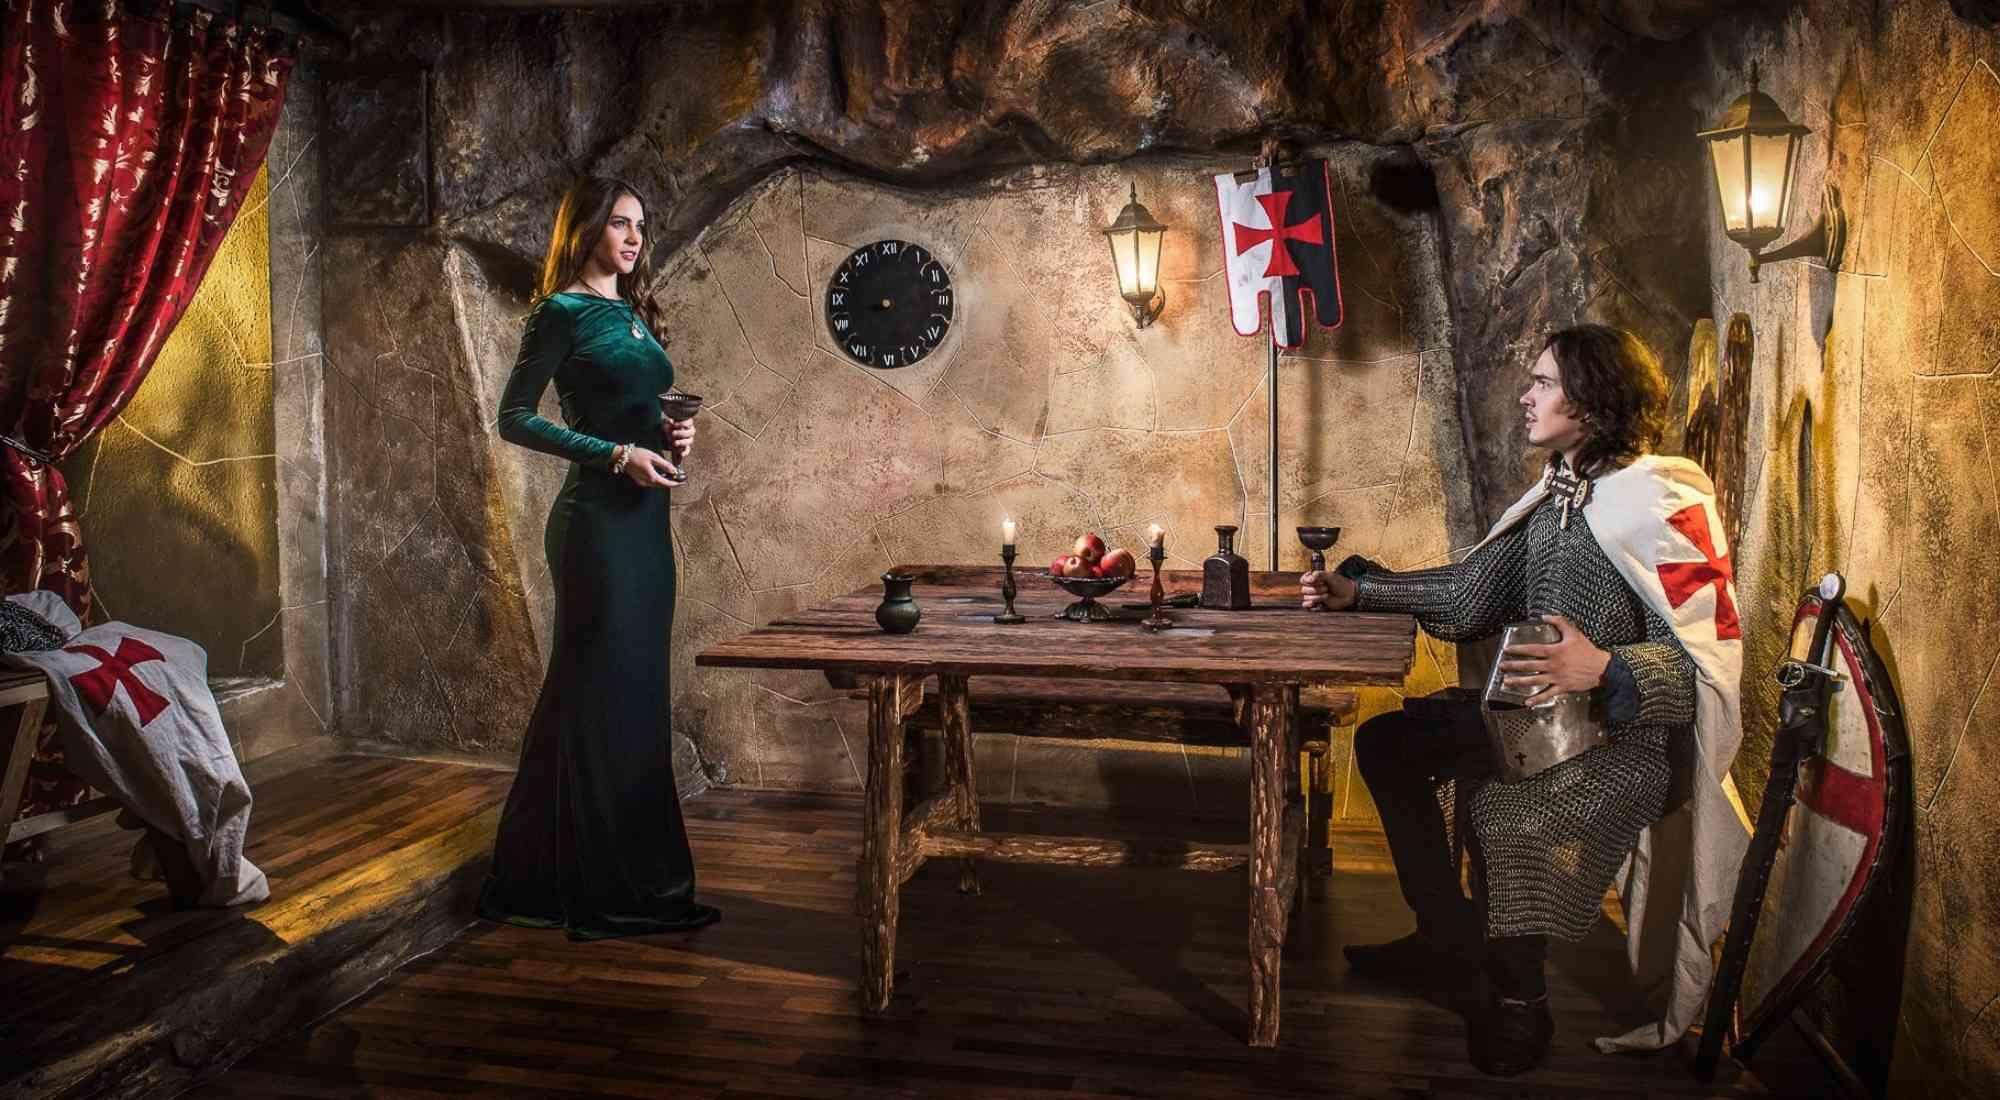 Квест Тайна замка тамплиеров в Кемерово фото 2